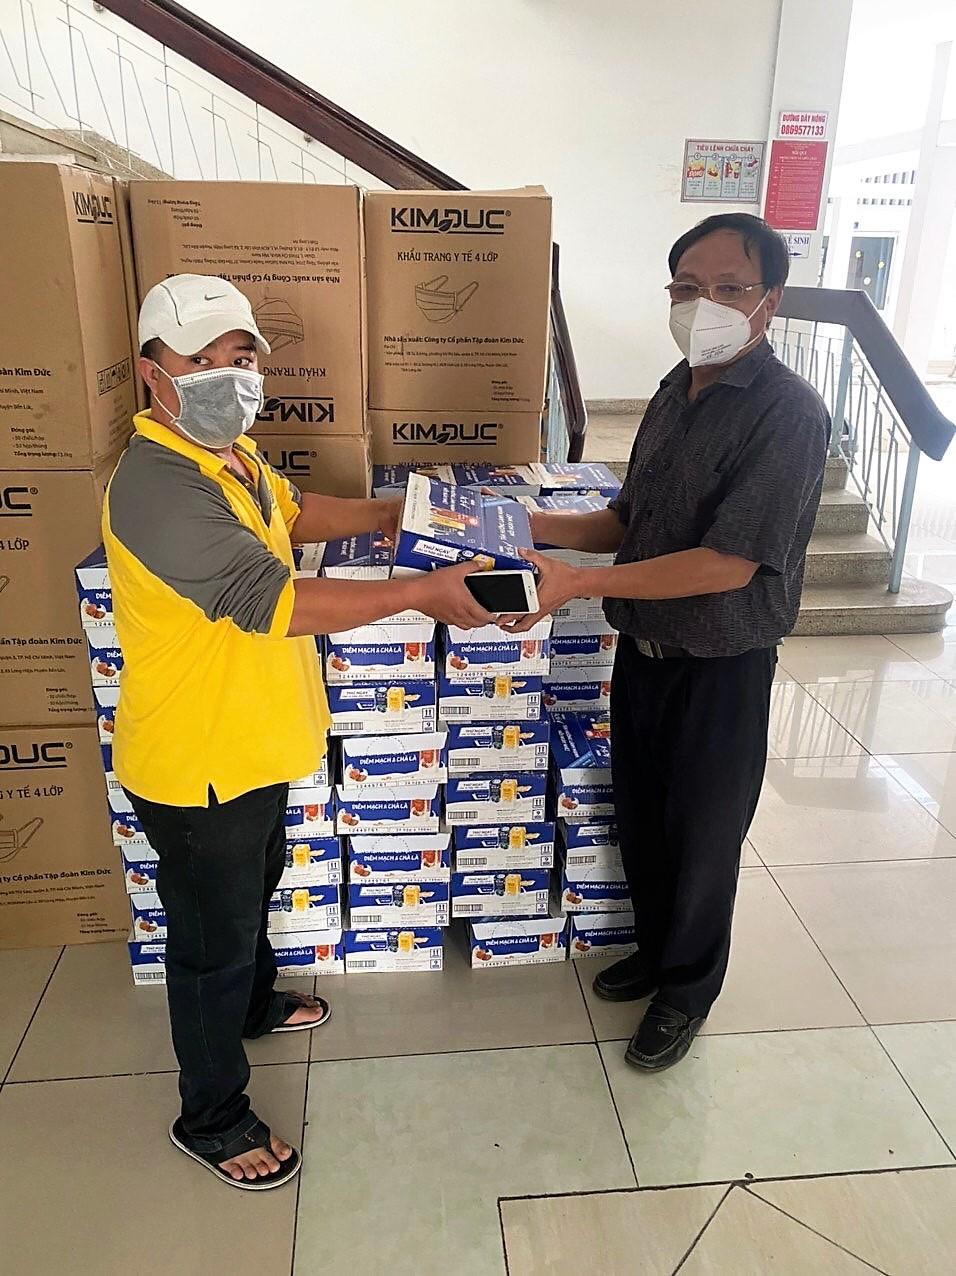 Tuần cuối tháng 7/2021, Nestlé Việt Nam, nhãn hàng Acti-V,  chuyển các sản phẩm dinh dưỡng đến các địa điểm tiếp nhận ở tuyến đầu phối hợp cùng Ủy ban Mặt trận Tổ quốc Việt Nam TPHCM - Ảnh: Nestlé Việt Nam